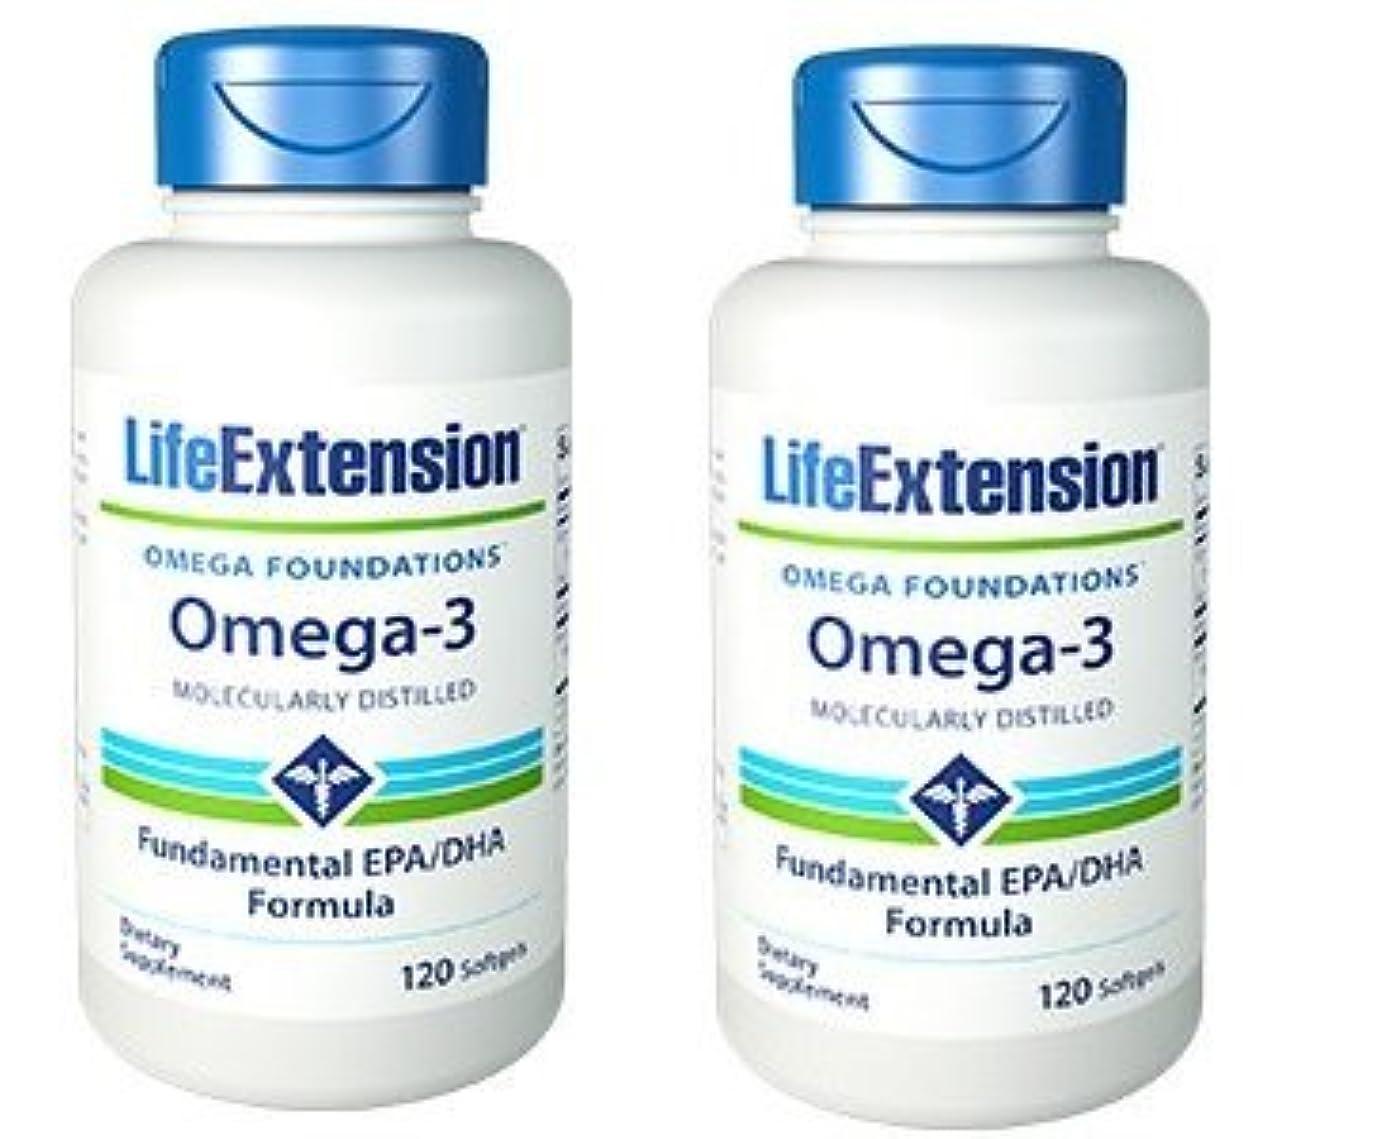 リズム神経衰弱閉塞【海外直送品】【2本セット】Life Extension - Omega-3 as many commercial fish oils 120 ソフトジェル